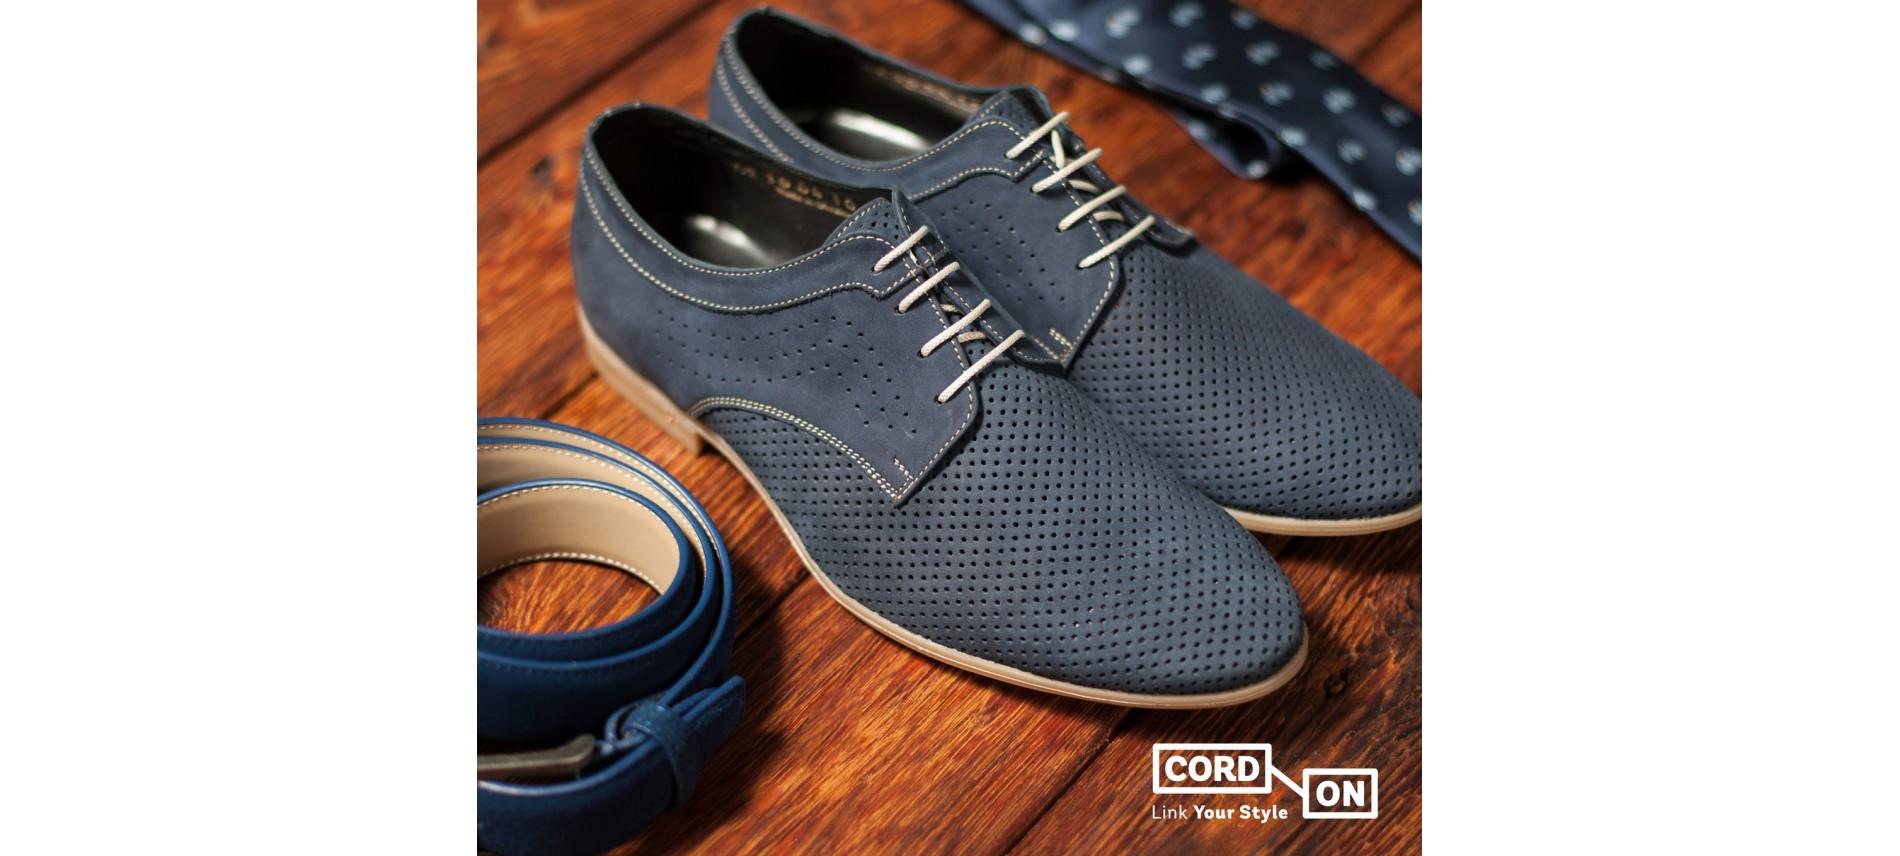 Comprar Cordones zapato de vestir | Cord-On Shop